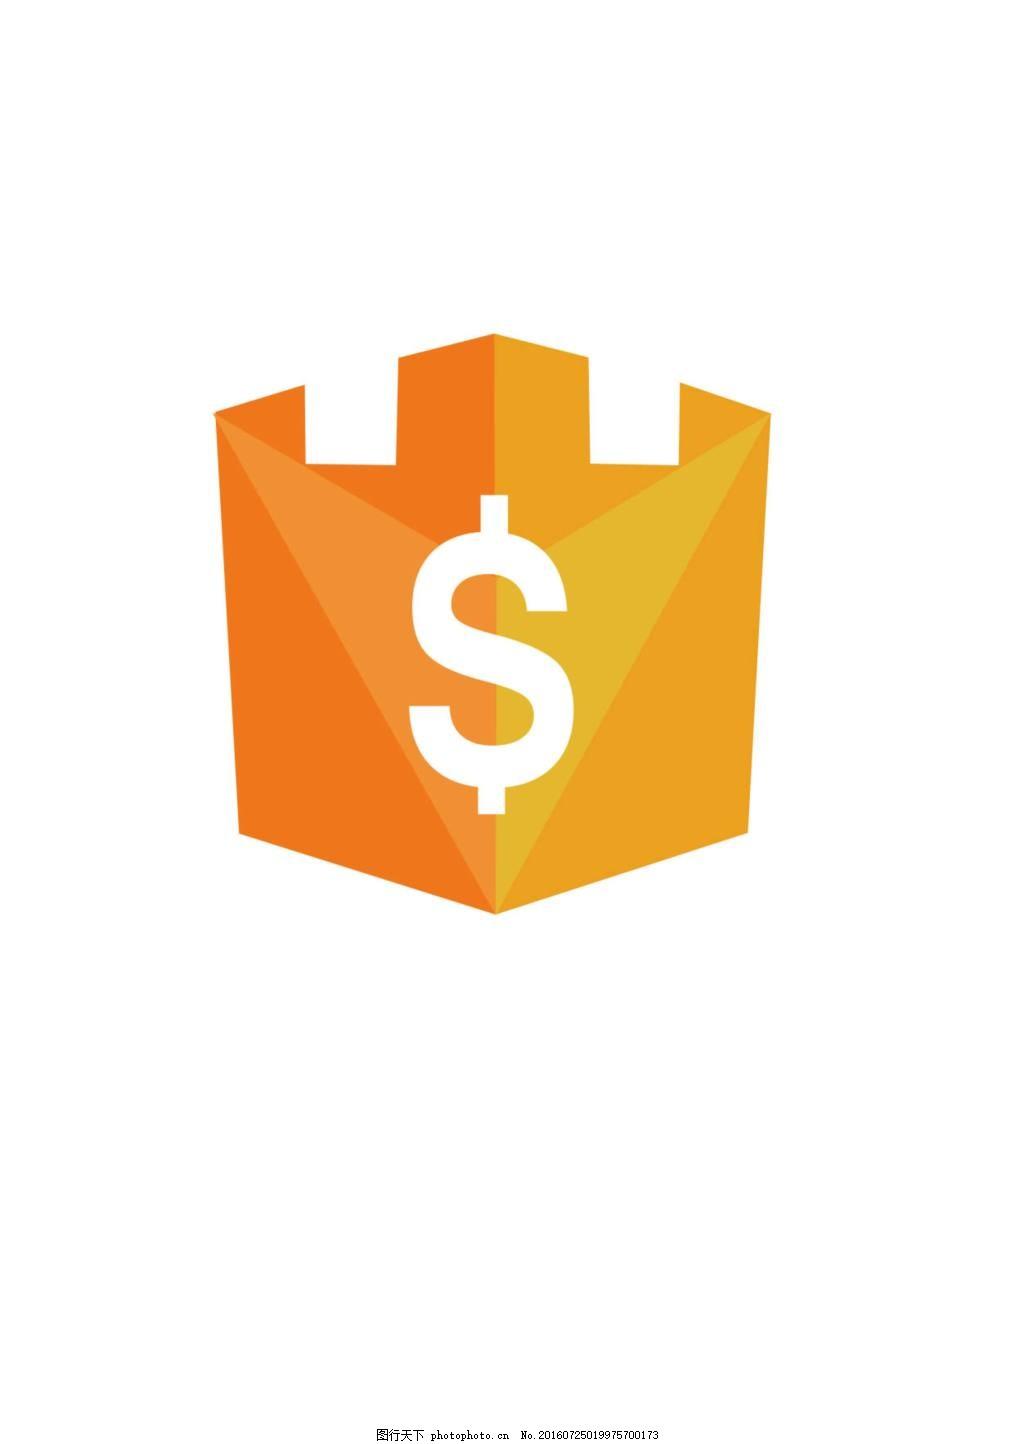 设计图库 标志图标 企业logo标志    上传: 2016-12-14 大小: 1.